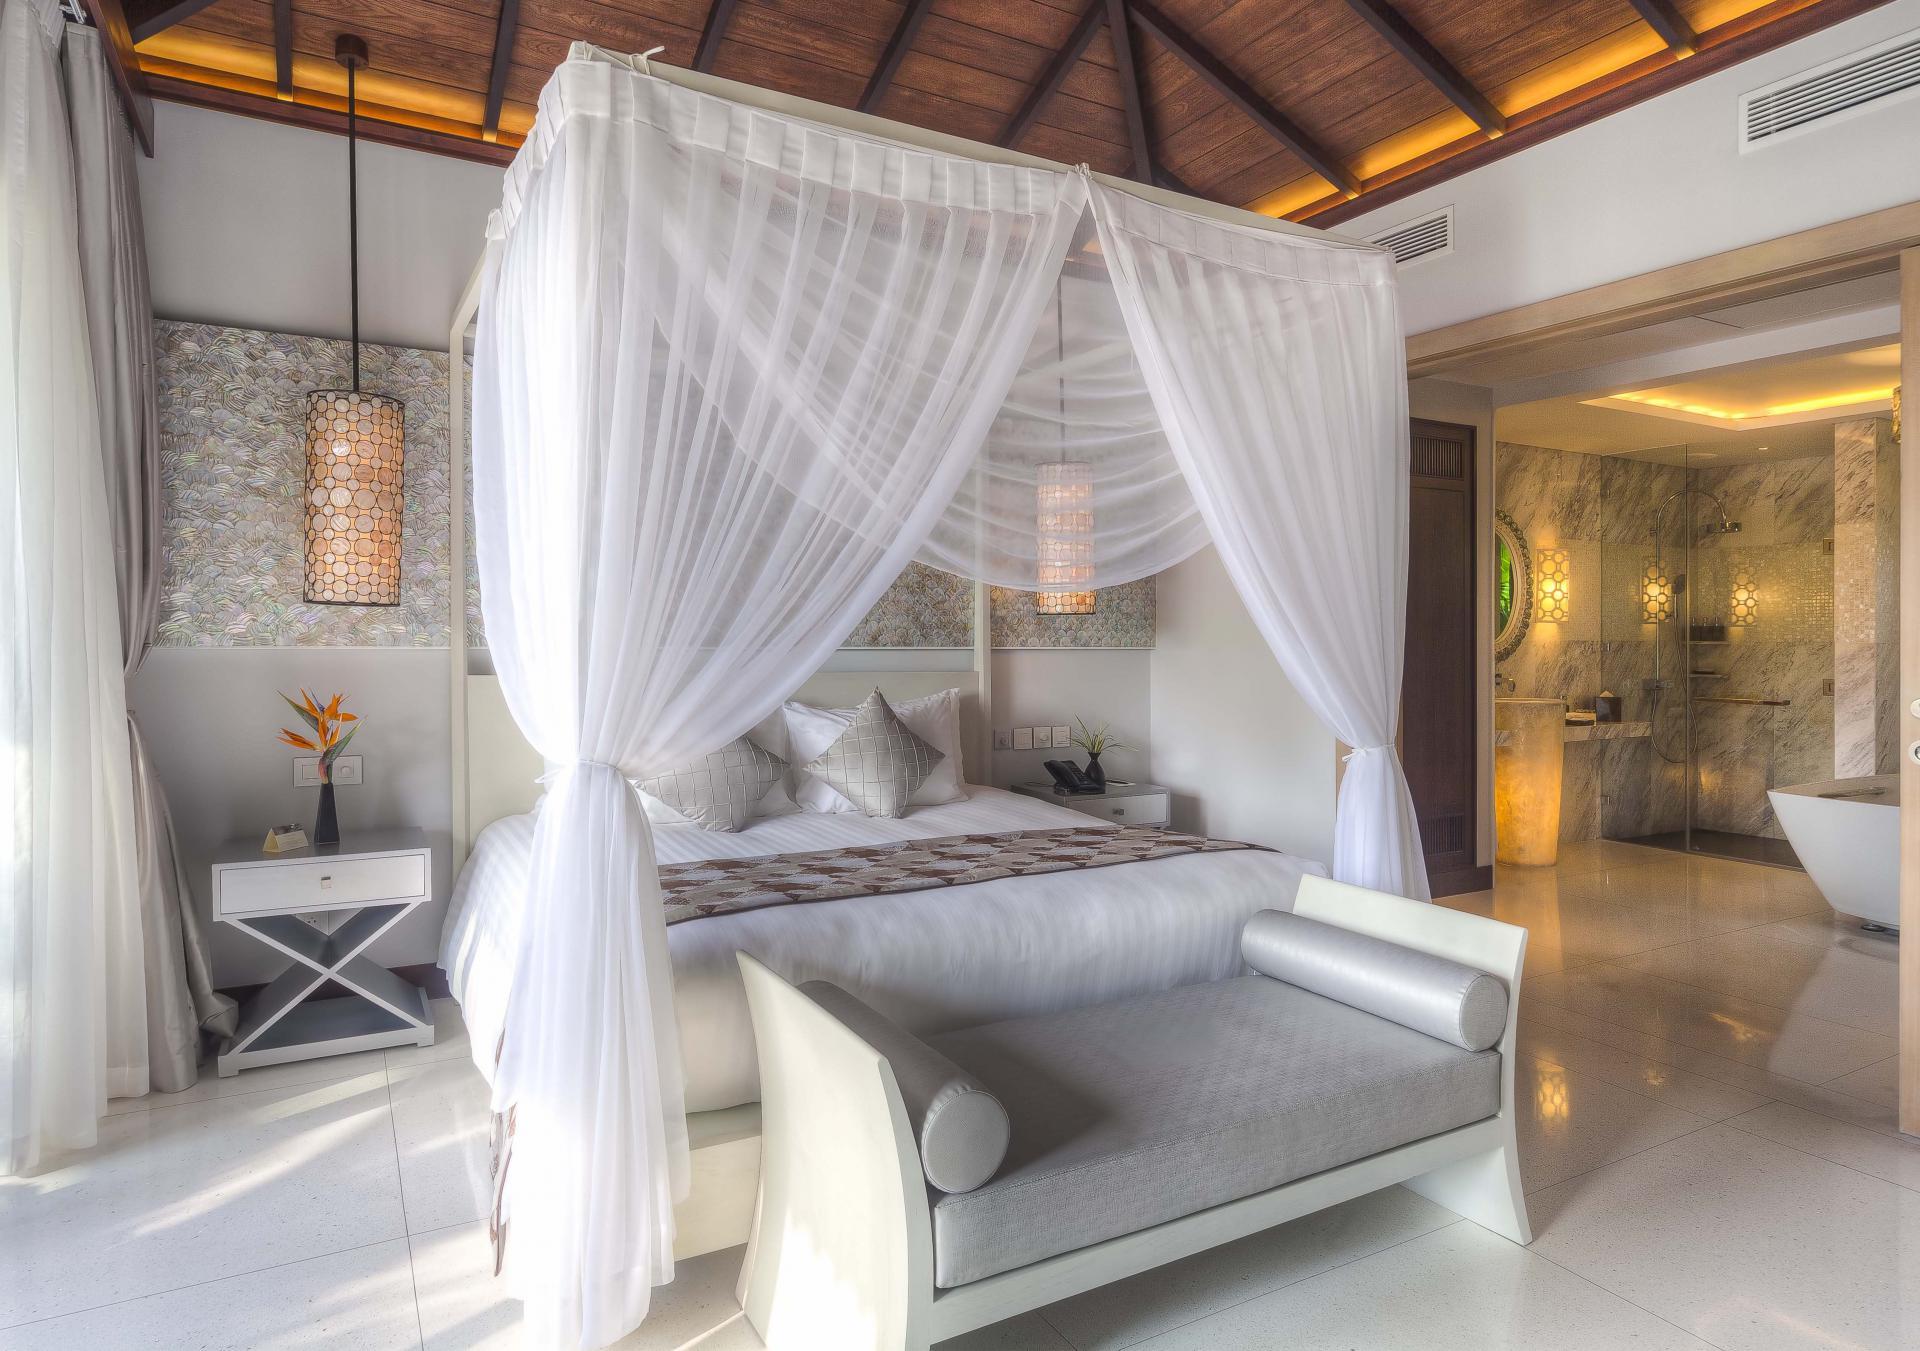 Biệt Thự Suite Ngọc Trai có diện tích lên đến 100 m2, có ban công riêng hướng vườn